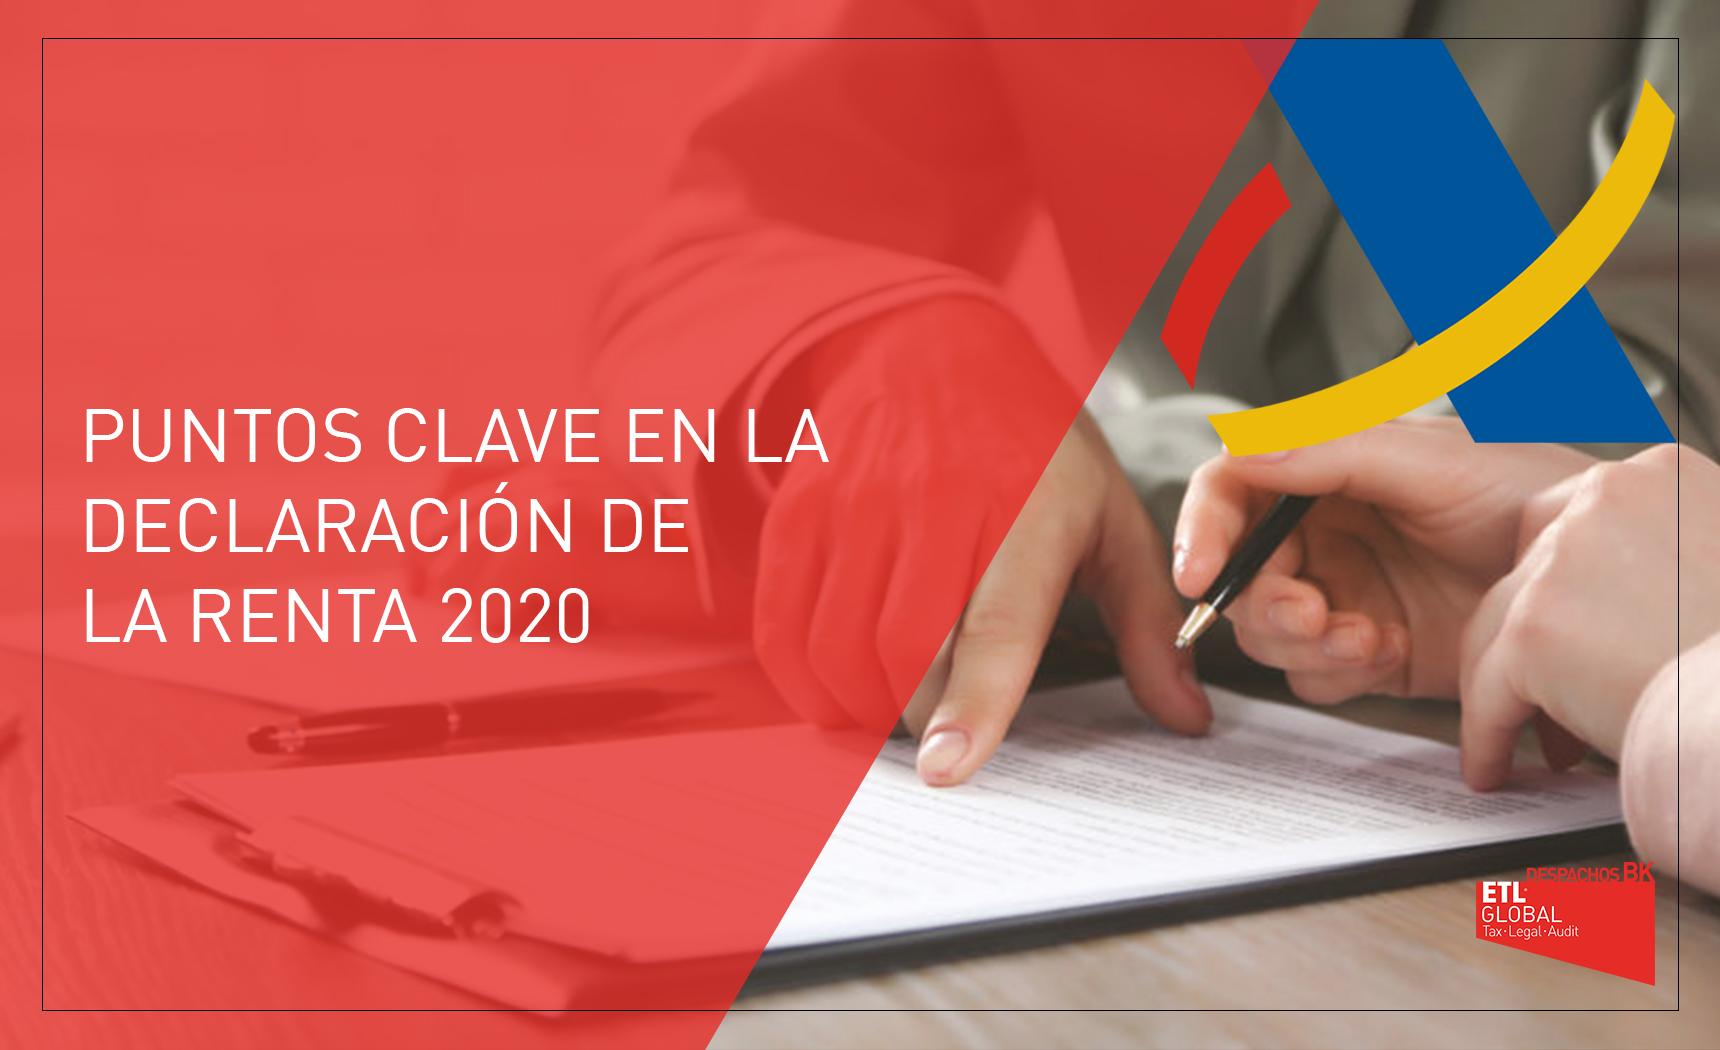 Puntos clave en la declaración de la renta 2020